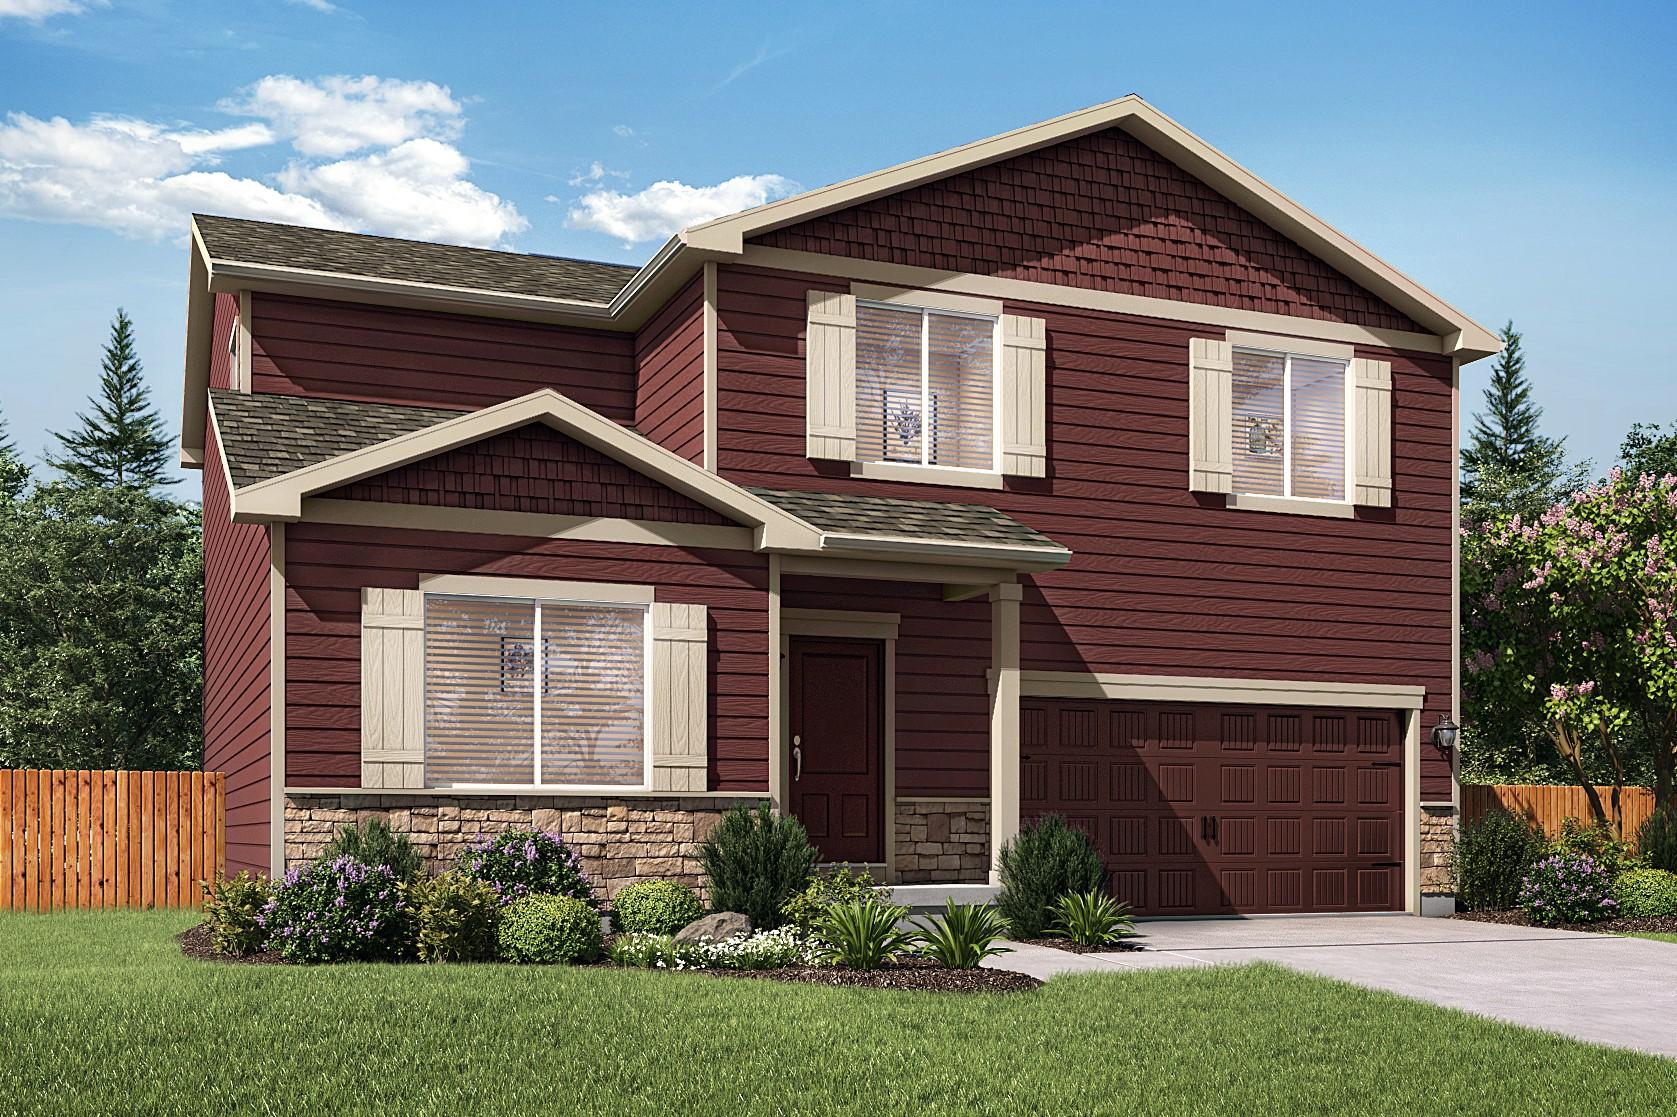 LGI Homes - Sorrento - Mead, CO 80542 - (866)921-1231 | ShowMeLocal.com